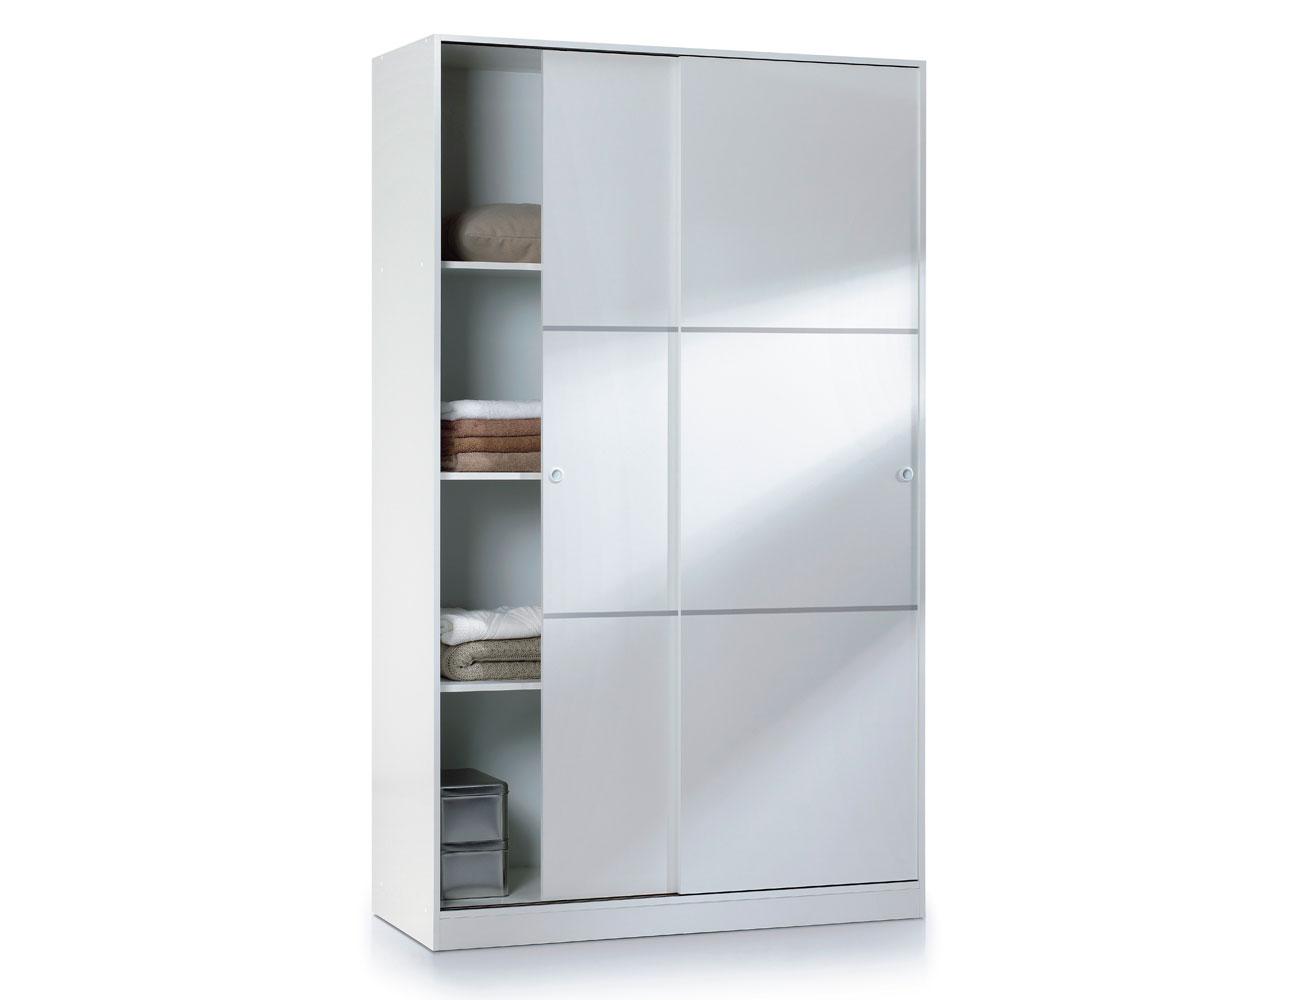 Armario puertas correderas con estantes interiores blanco